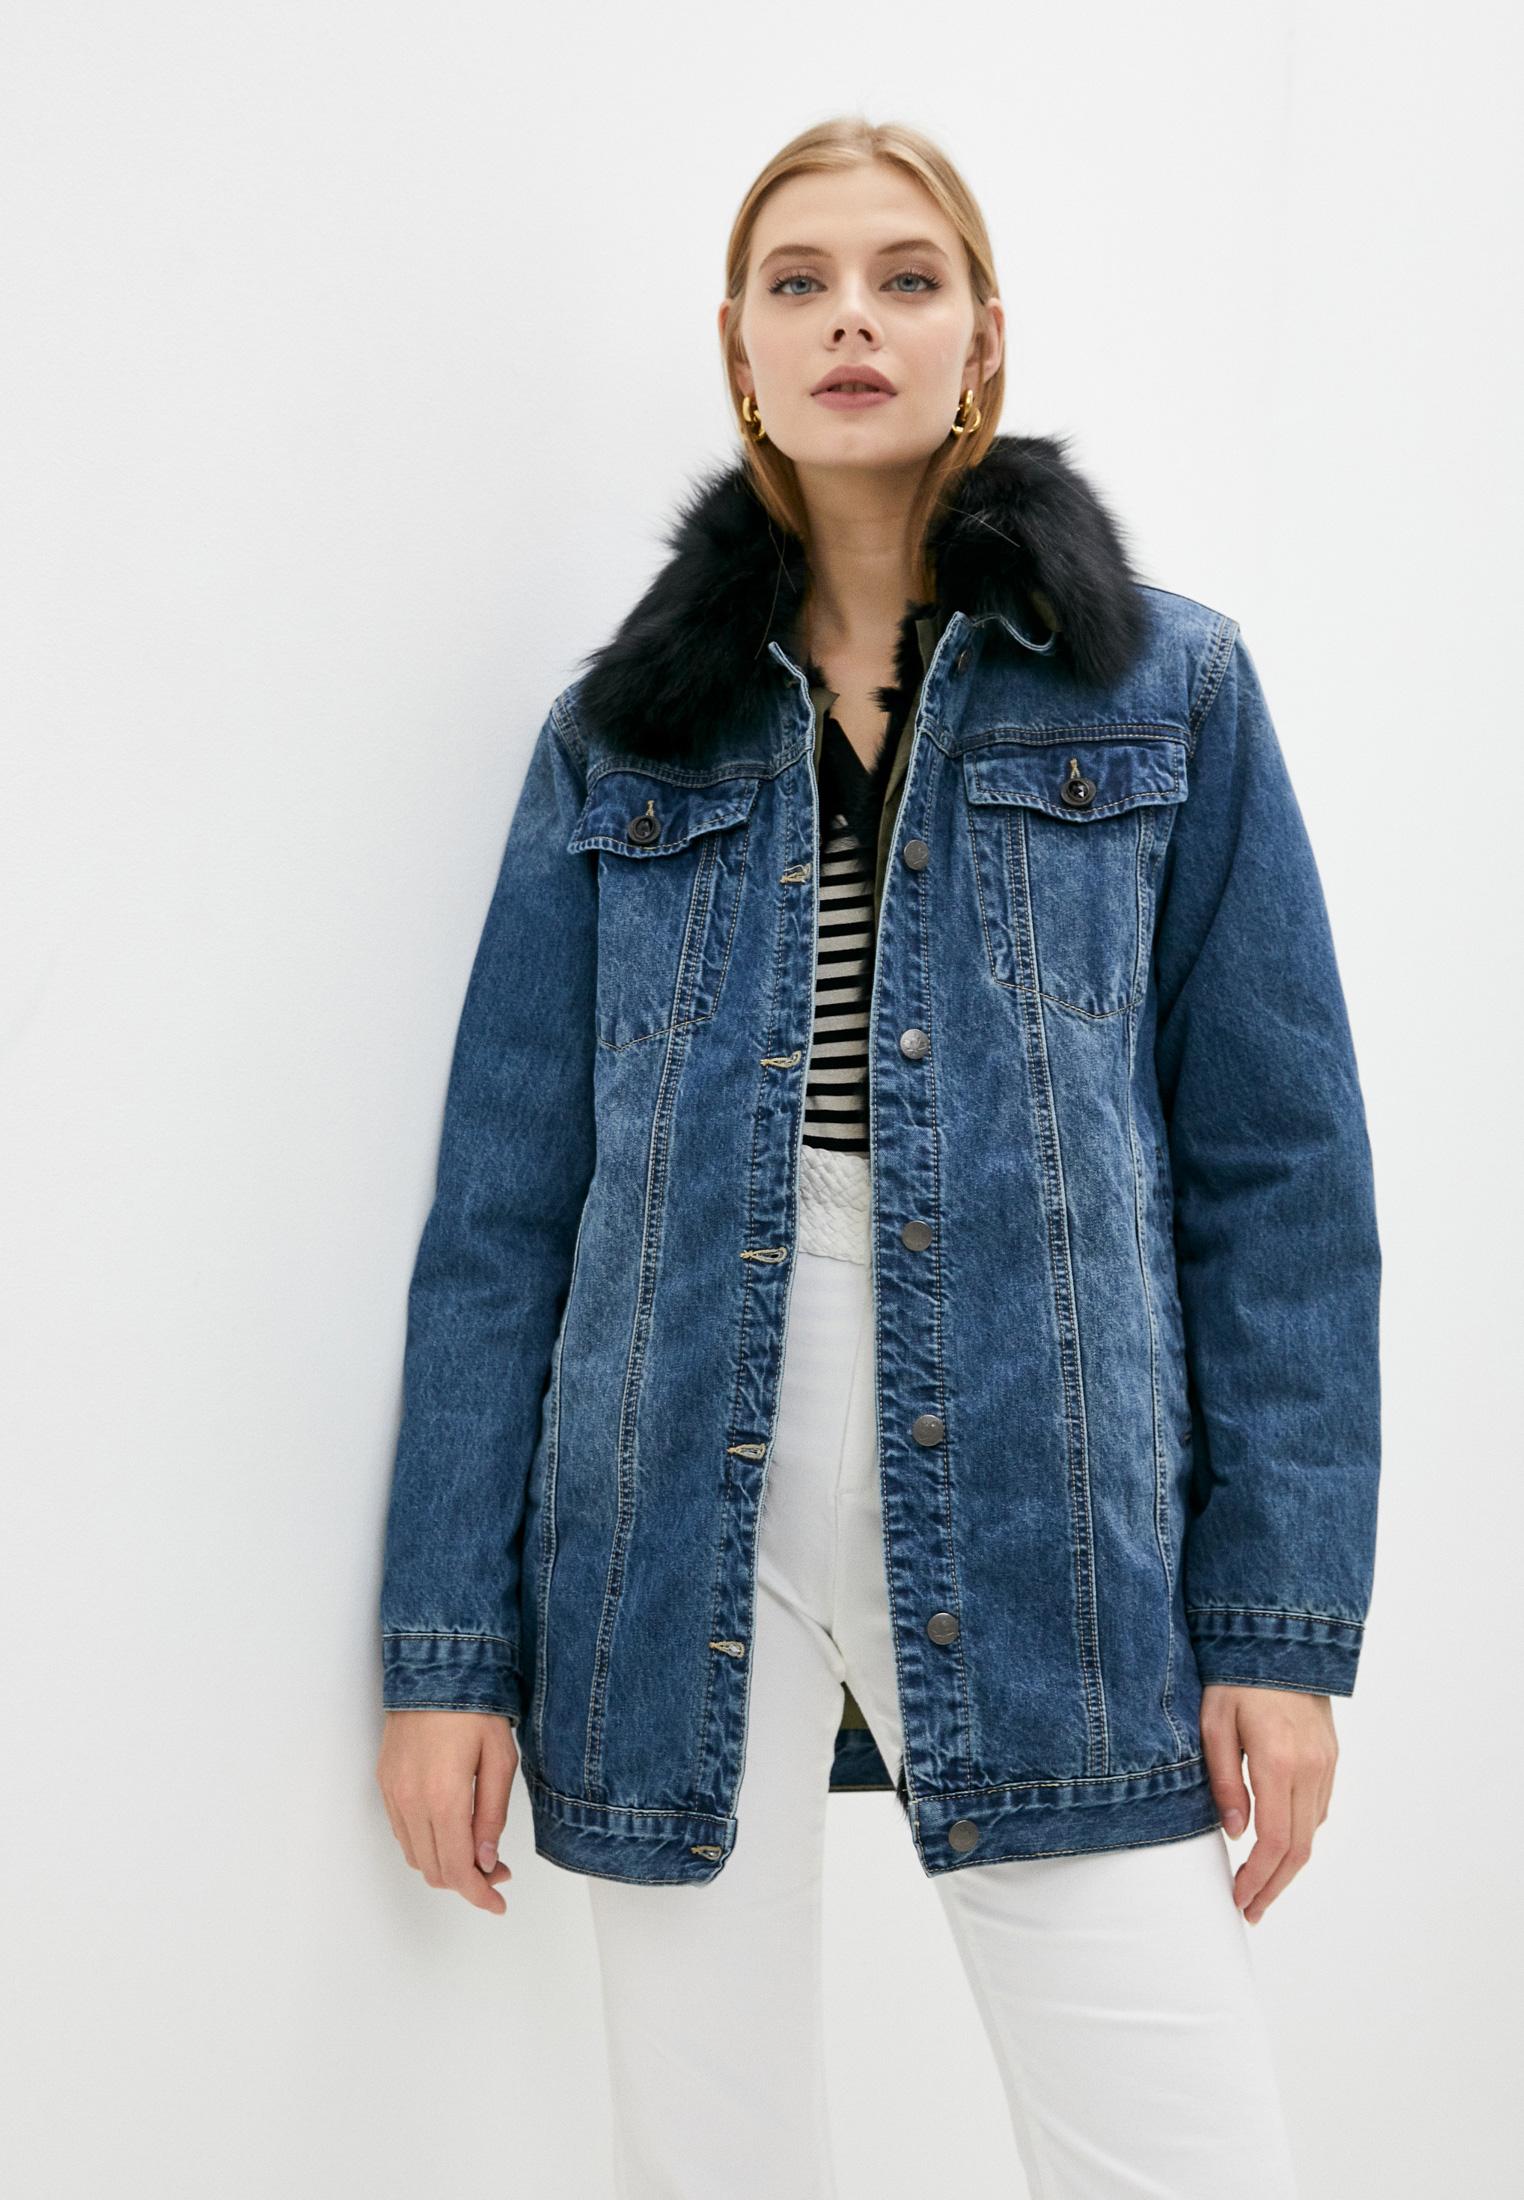 Джинсовая куртка Canadian Куртка джинсовая Canadian